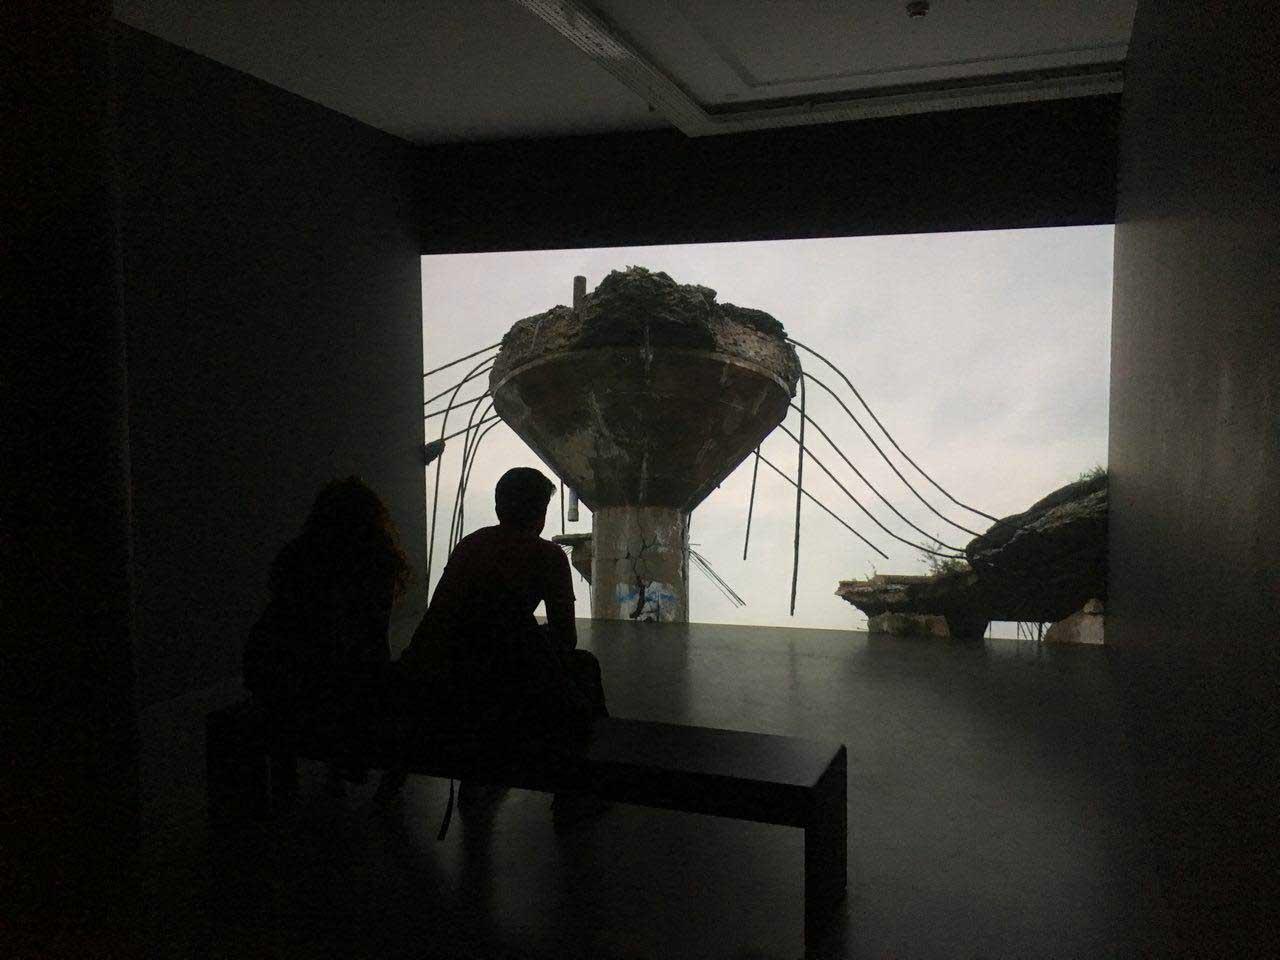 هنر معاصر استانبول در گالری آرترARTERدمیرل